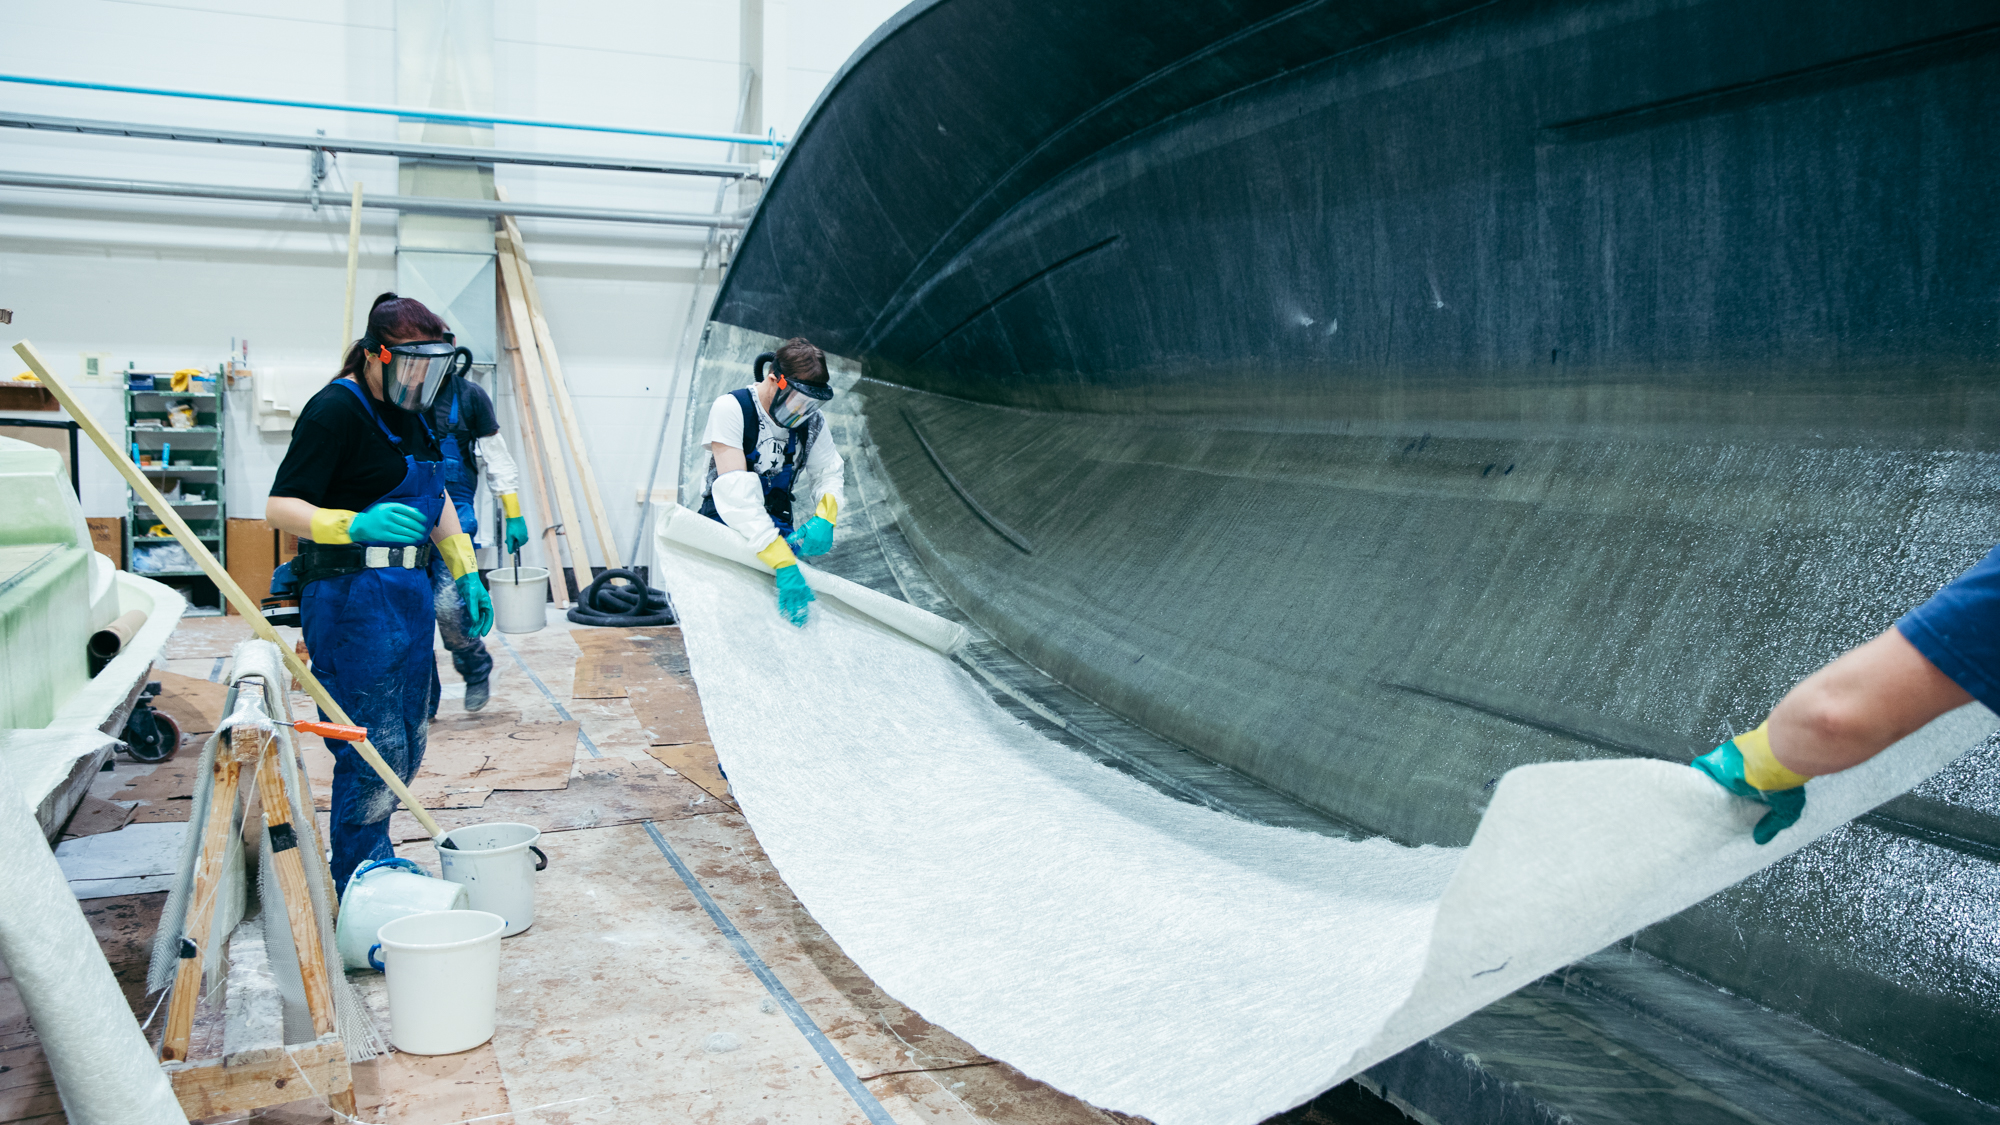 Työntekijät valmistavat venettä tehtaalla.